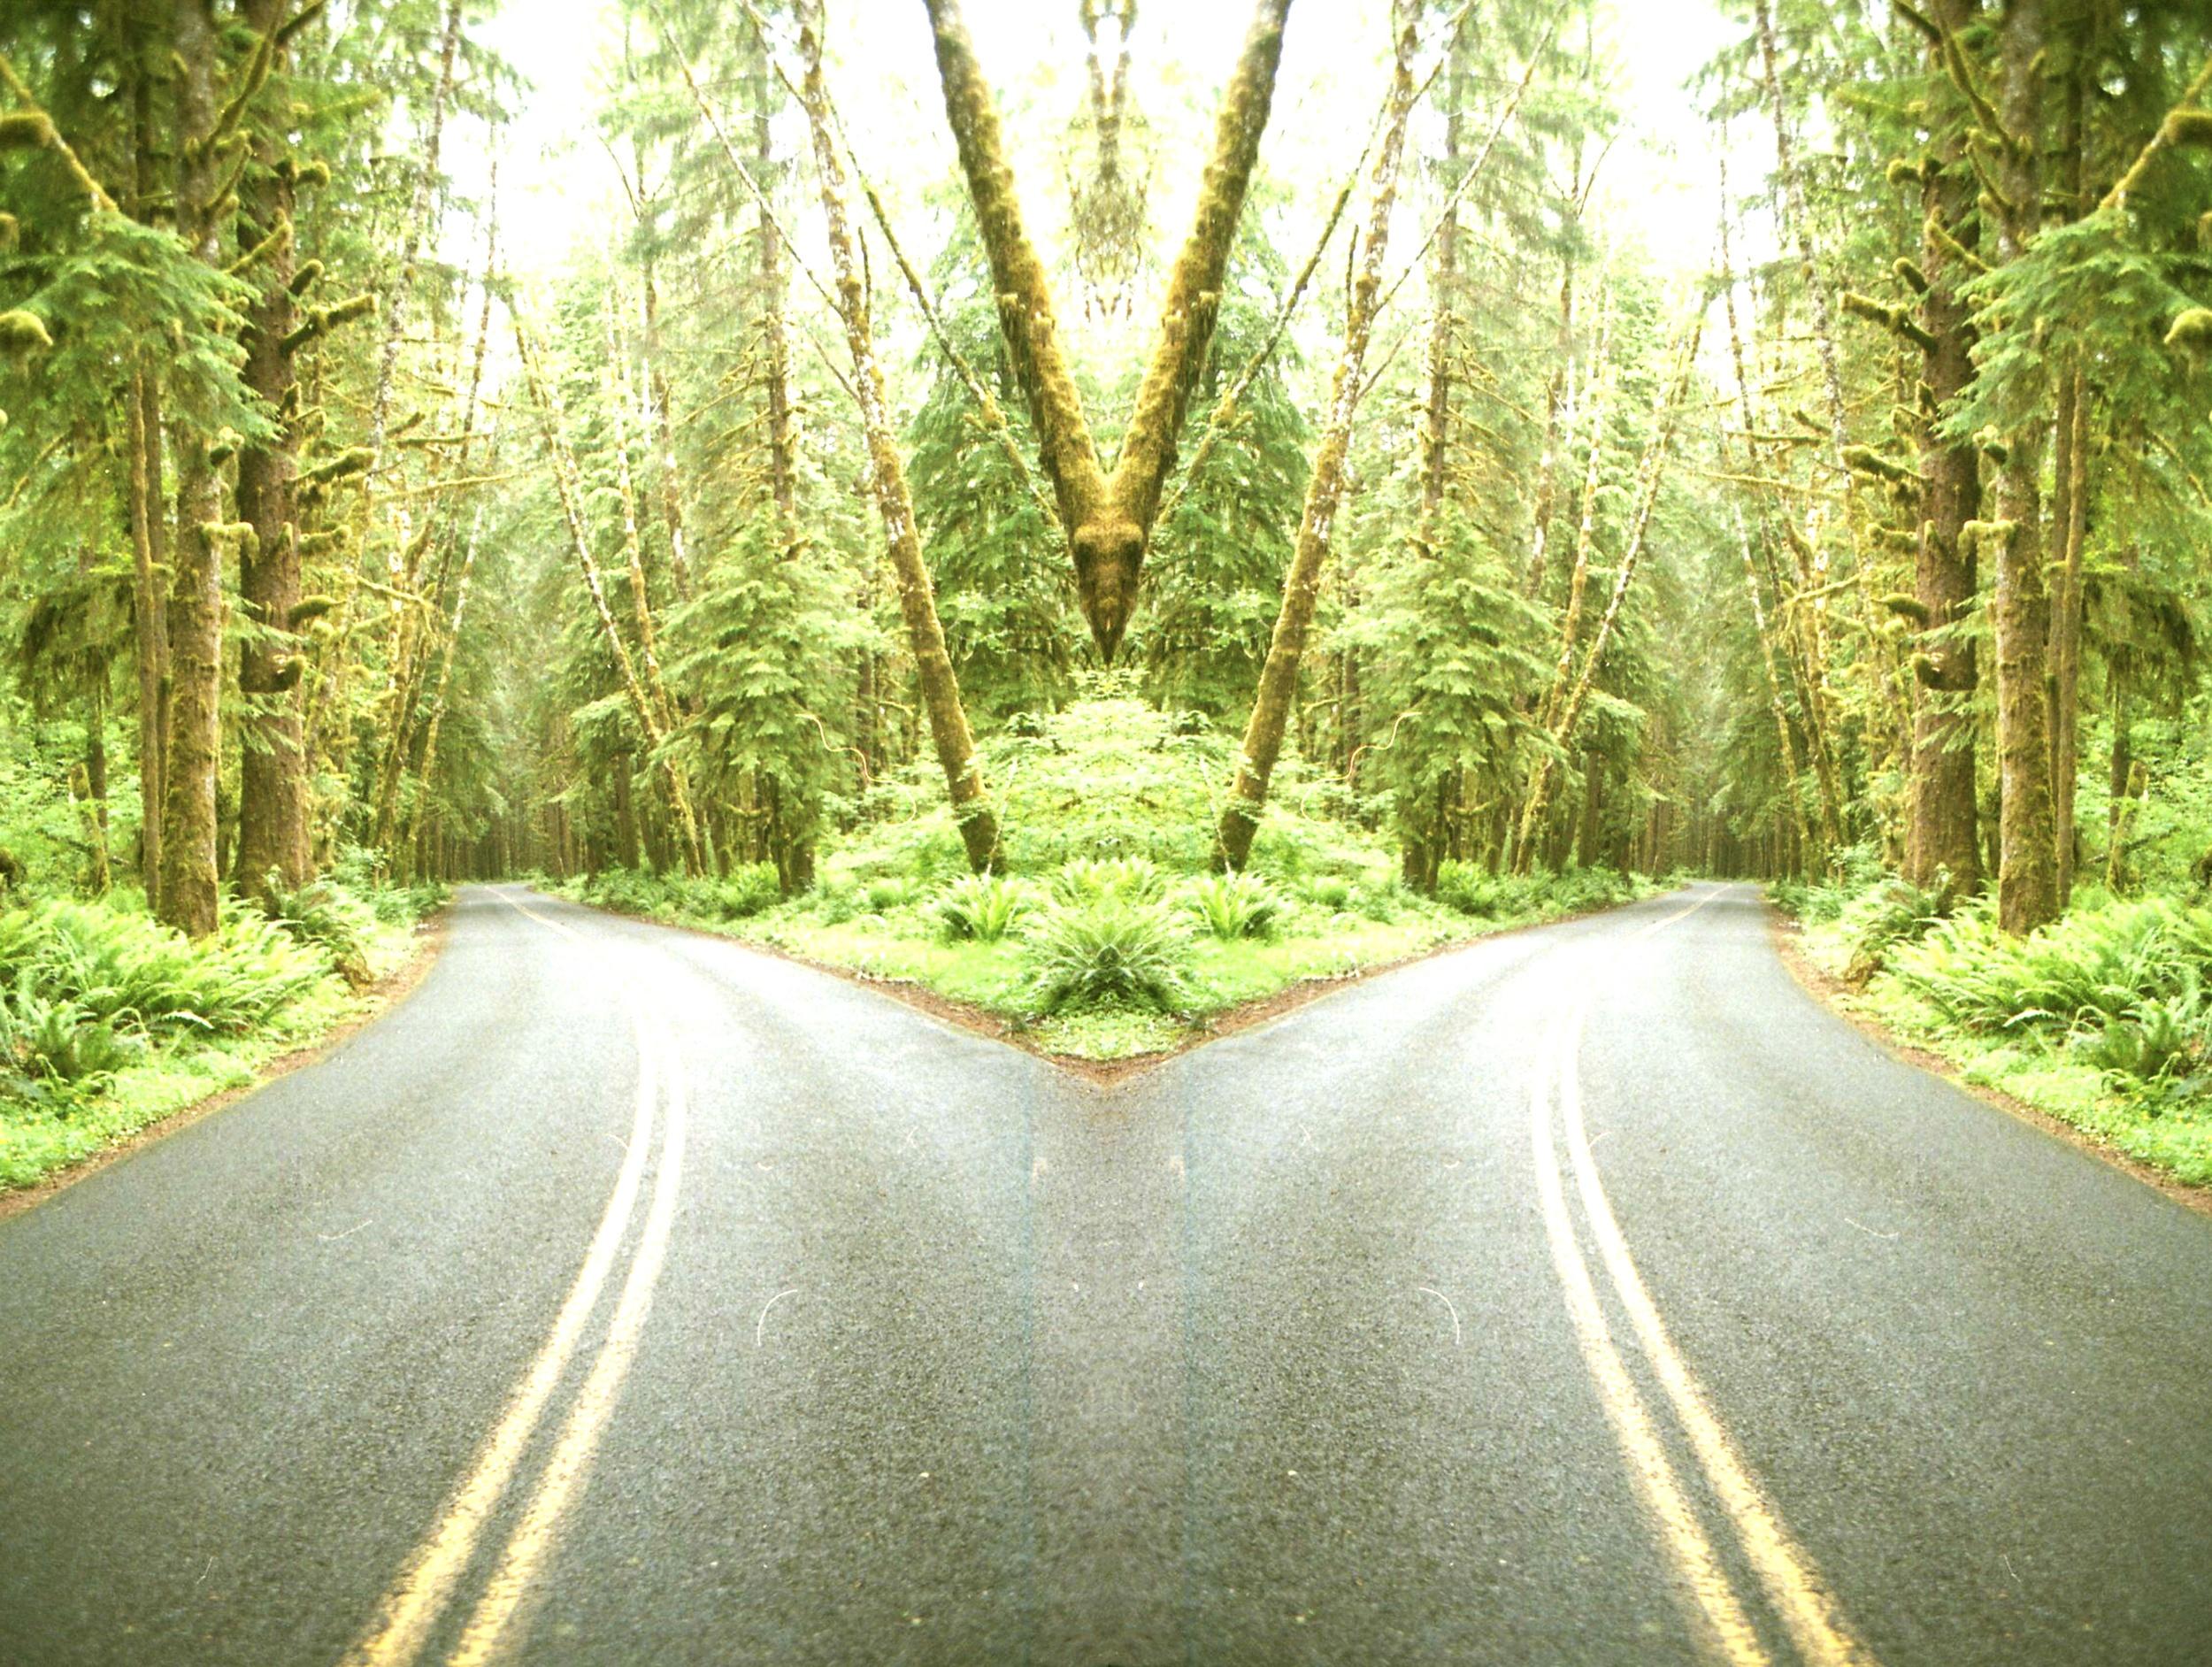 mirroredroad copy.jpg